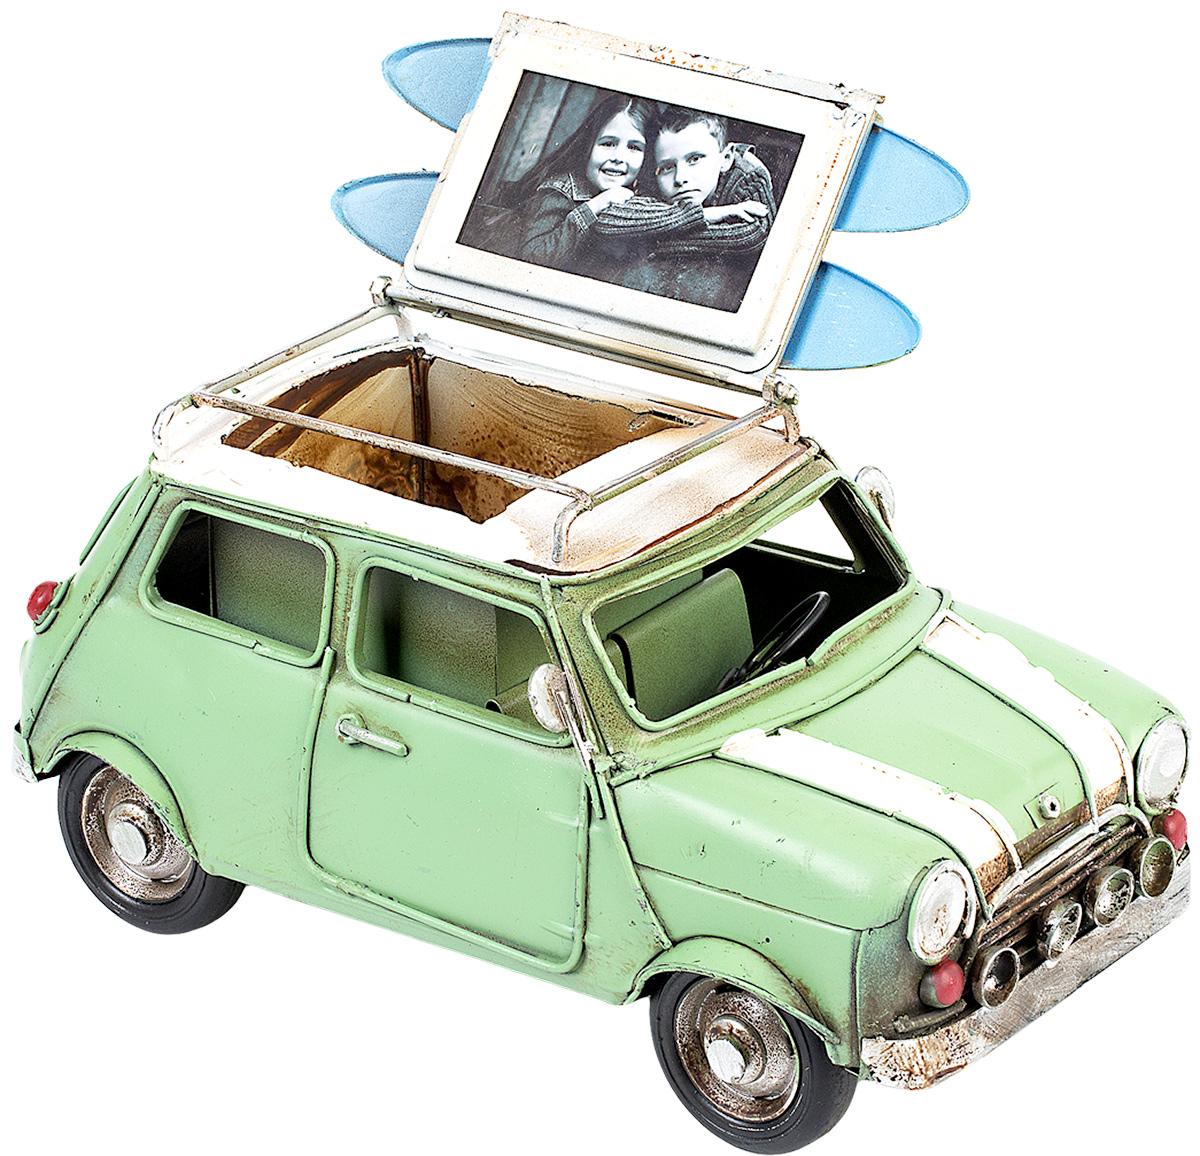 Модель Platinum Автомобиль, с фоторамкой и подставкой для ручек. 1404E-43431404E-4343Модель Platinum Автомобиль, выполненная из металла, станеторигинальным украшением интерьера. Вы можете поставить модель ретро- автомобиля в любом месте, где онабудет удачно смотреться. Изделие дополнено подставкой для ручек и фоторамкой, куда вы можете вставитьвашу любимую фотографию.Качество исполнения, точные детали и оригинальный дизайн выделяют этумодель среди ряда подобных. Модель займет достойное место в вашейколлекции, а также приятно удивит получателя в качестве стильного сувенира.